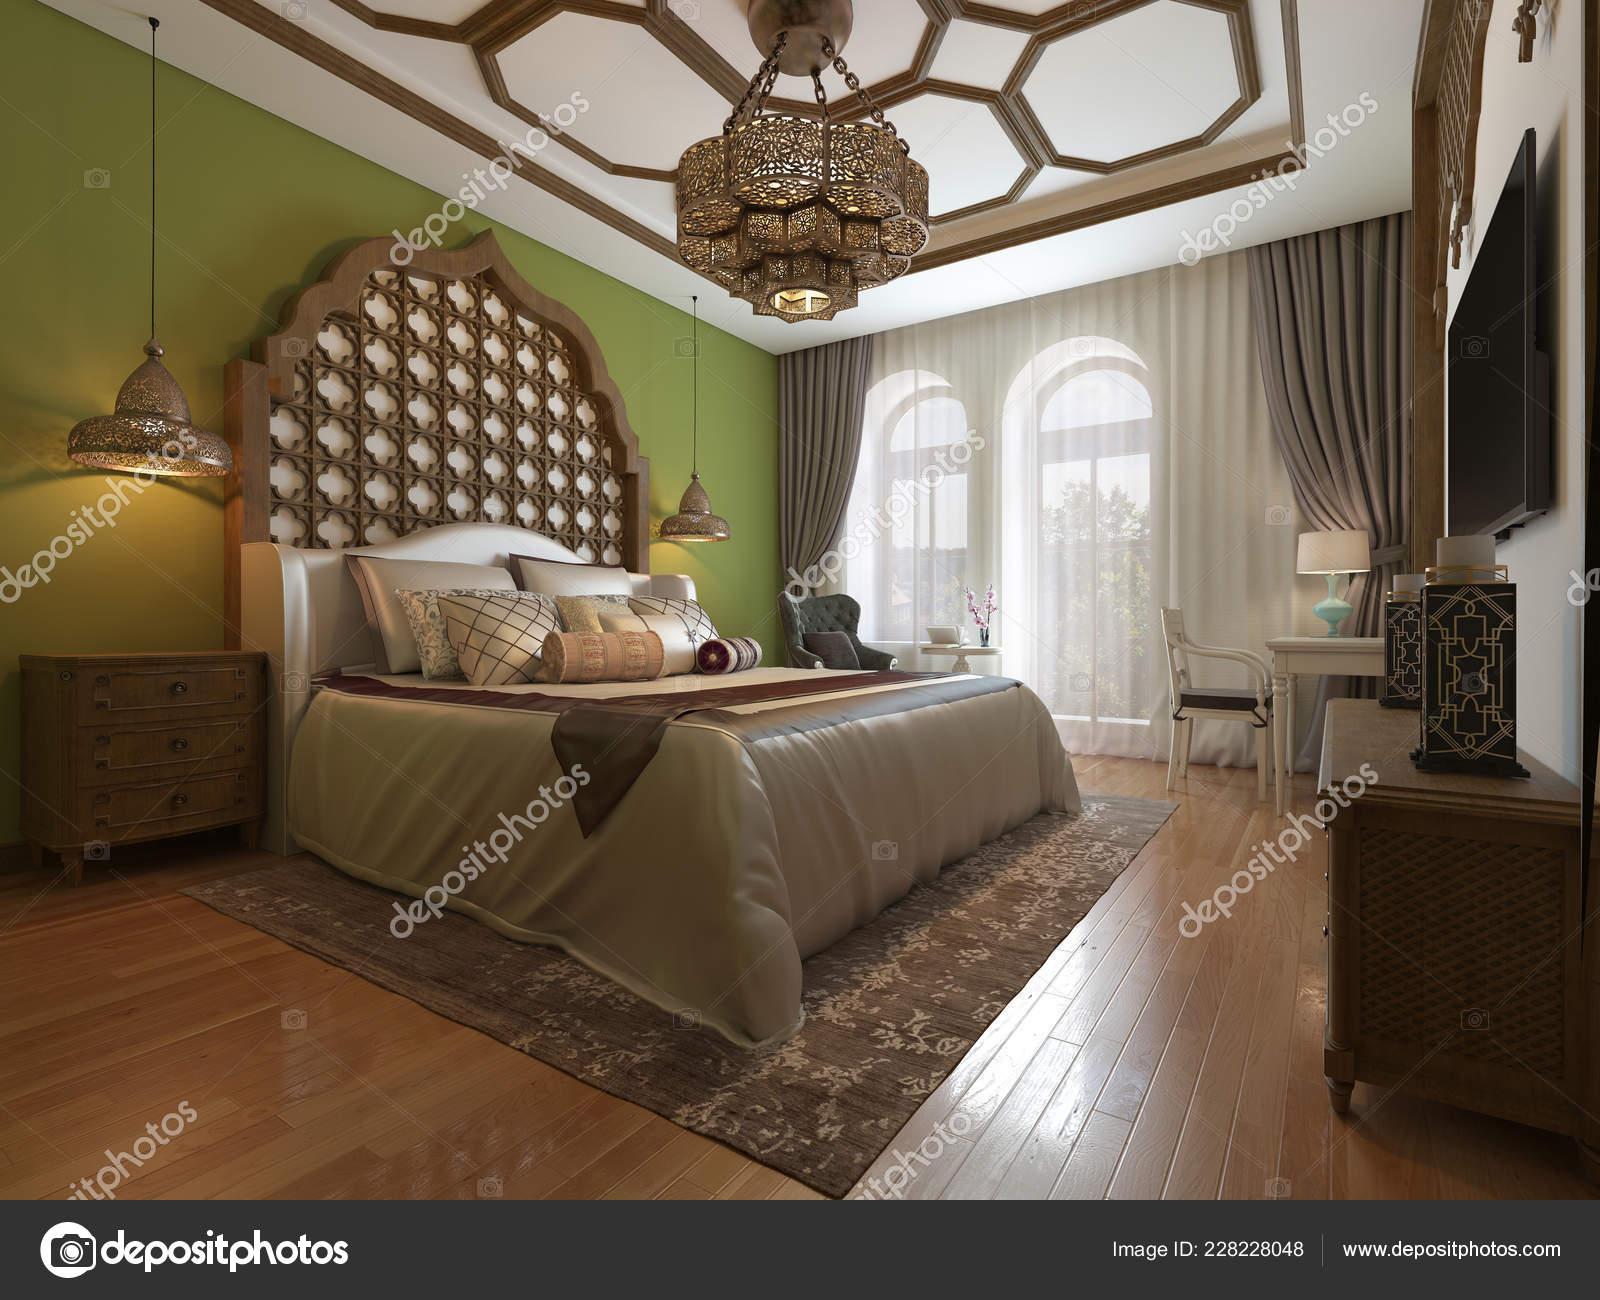 Camere Da Letto Orientale : Camera letto orientale testiera legno pareti verdi mobile porta